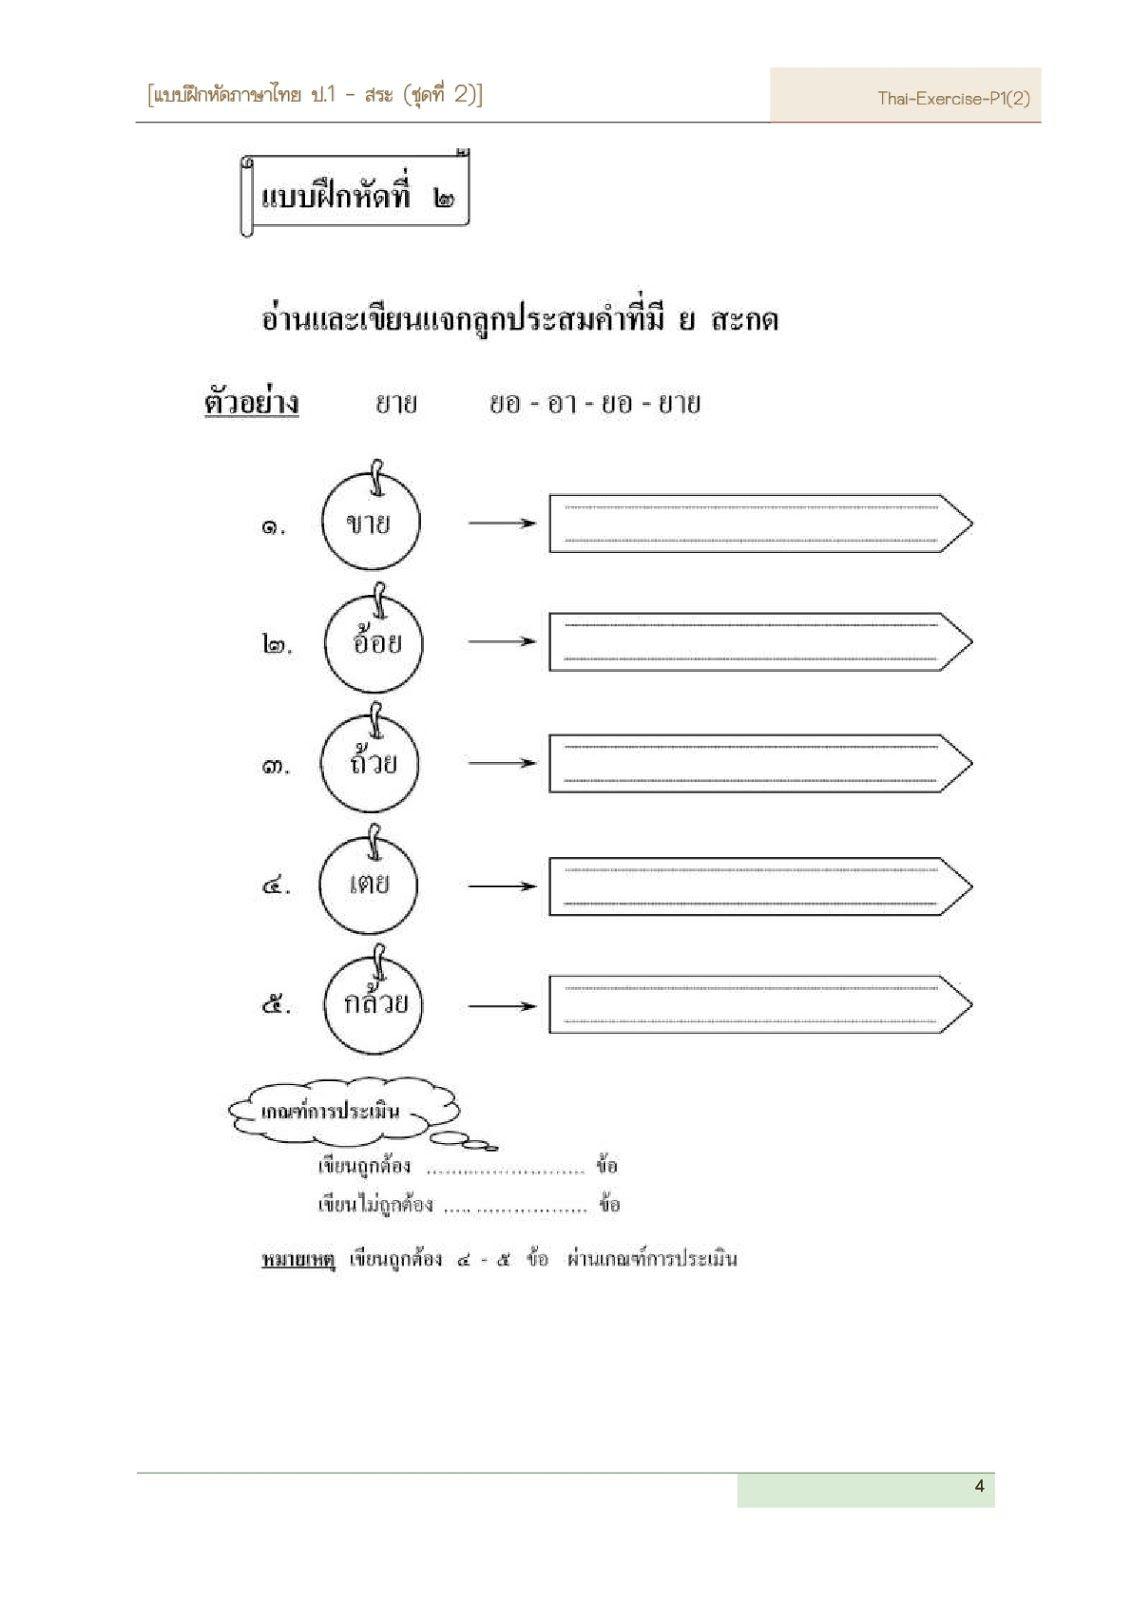 แบบฝึกหัดภาษาไทย ป.1 - ภาษาไทย (ชุดที่ 2) - บทที่ 17 ตัวสะกด แม่เกย ...